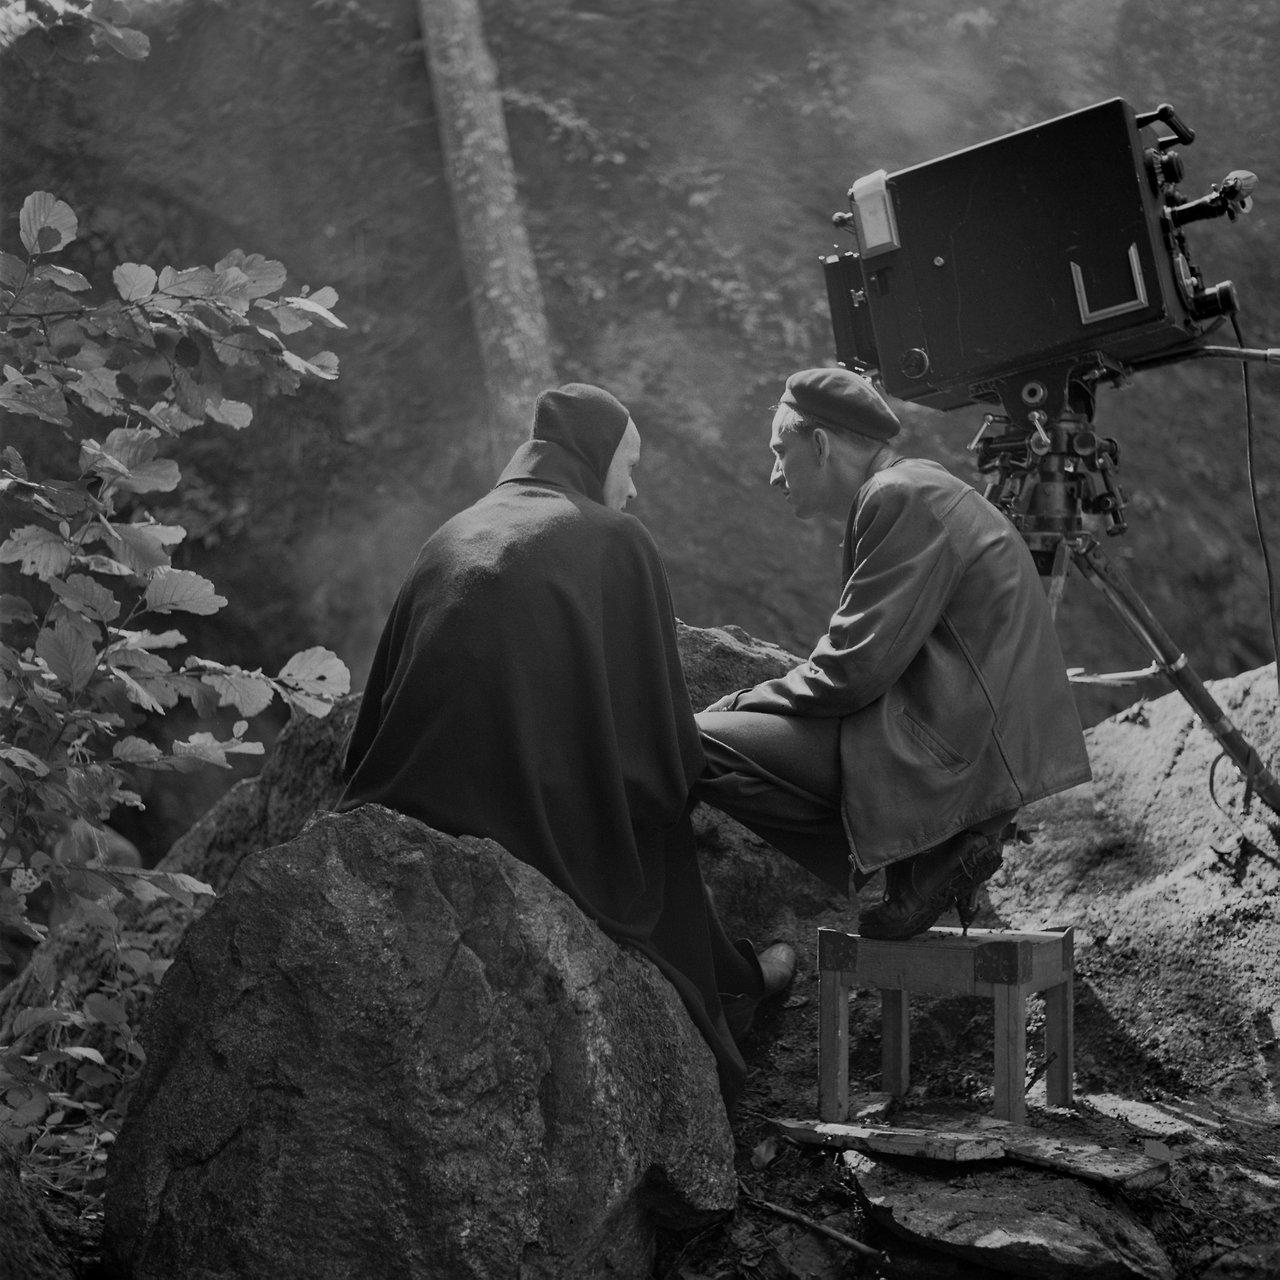 Bergman directing